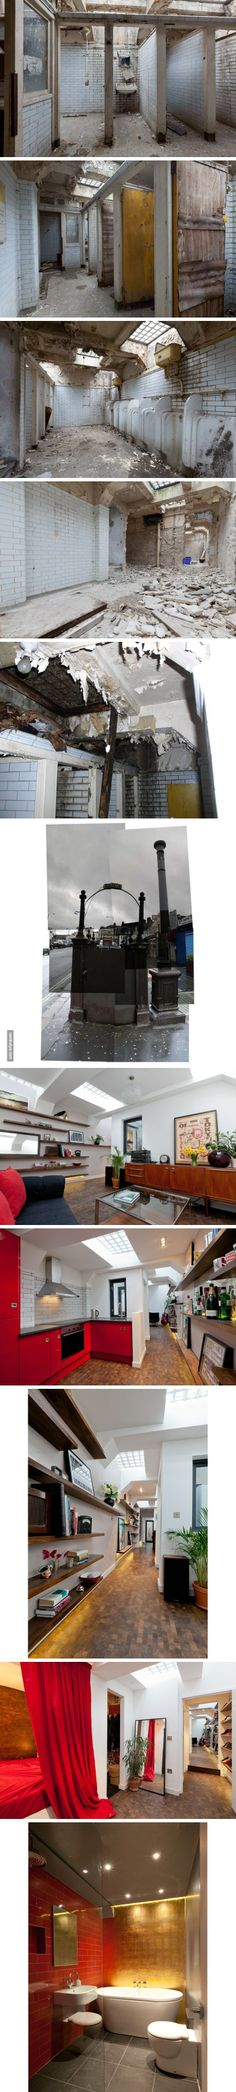 Nemkutya.com - Laura, aki egy lepukkant Wc-ből luxus otthont varázsolt!